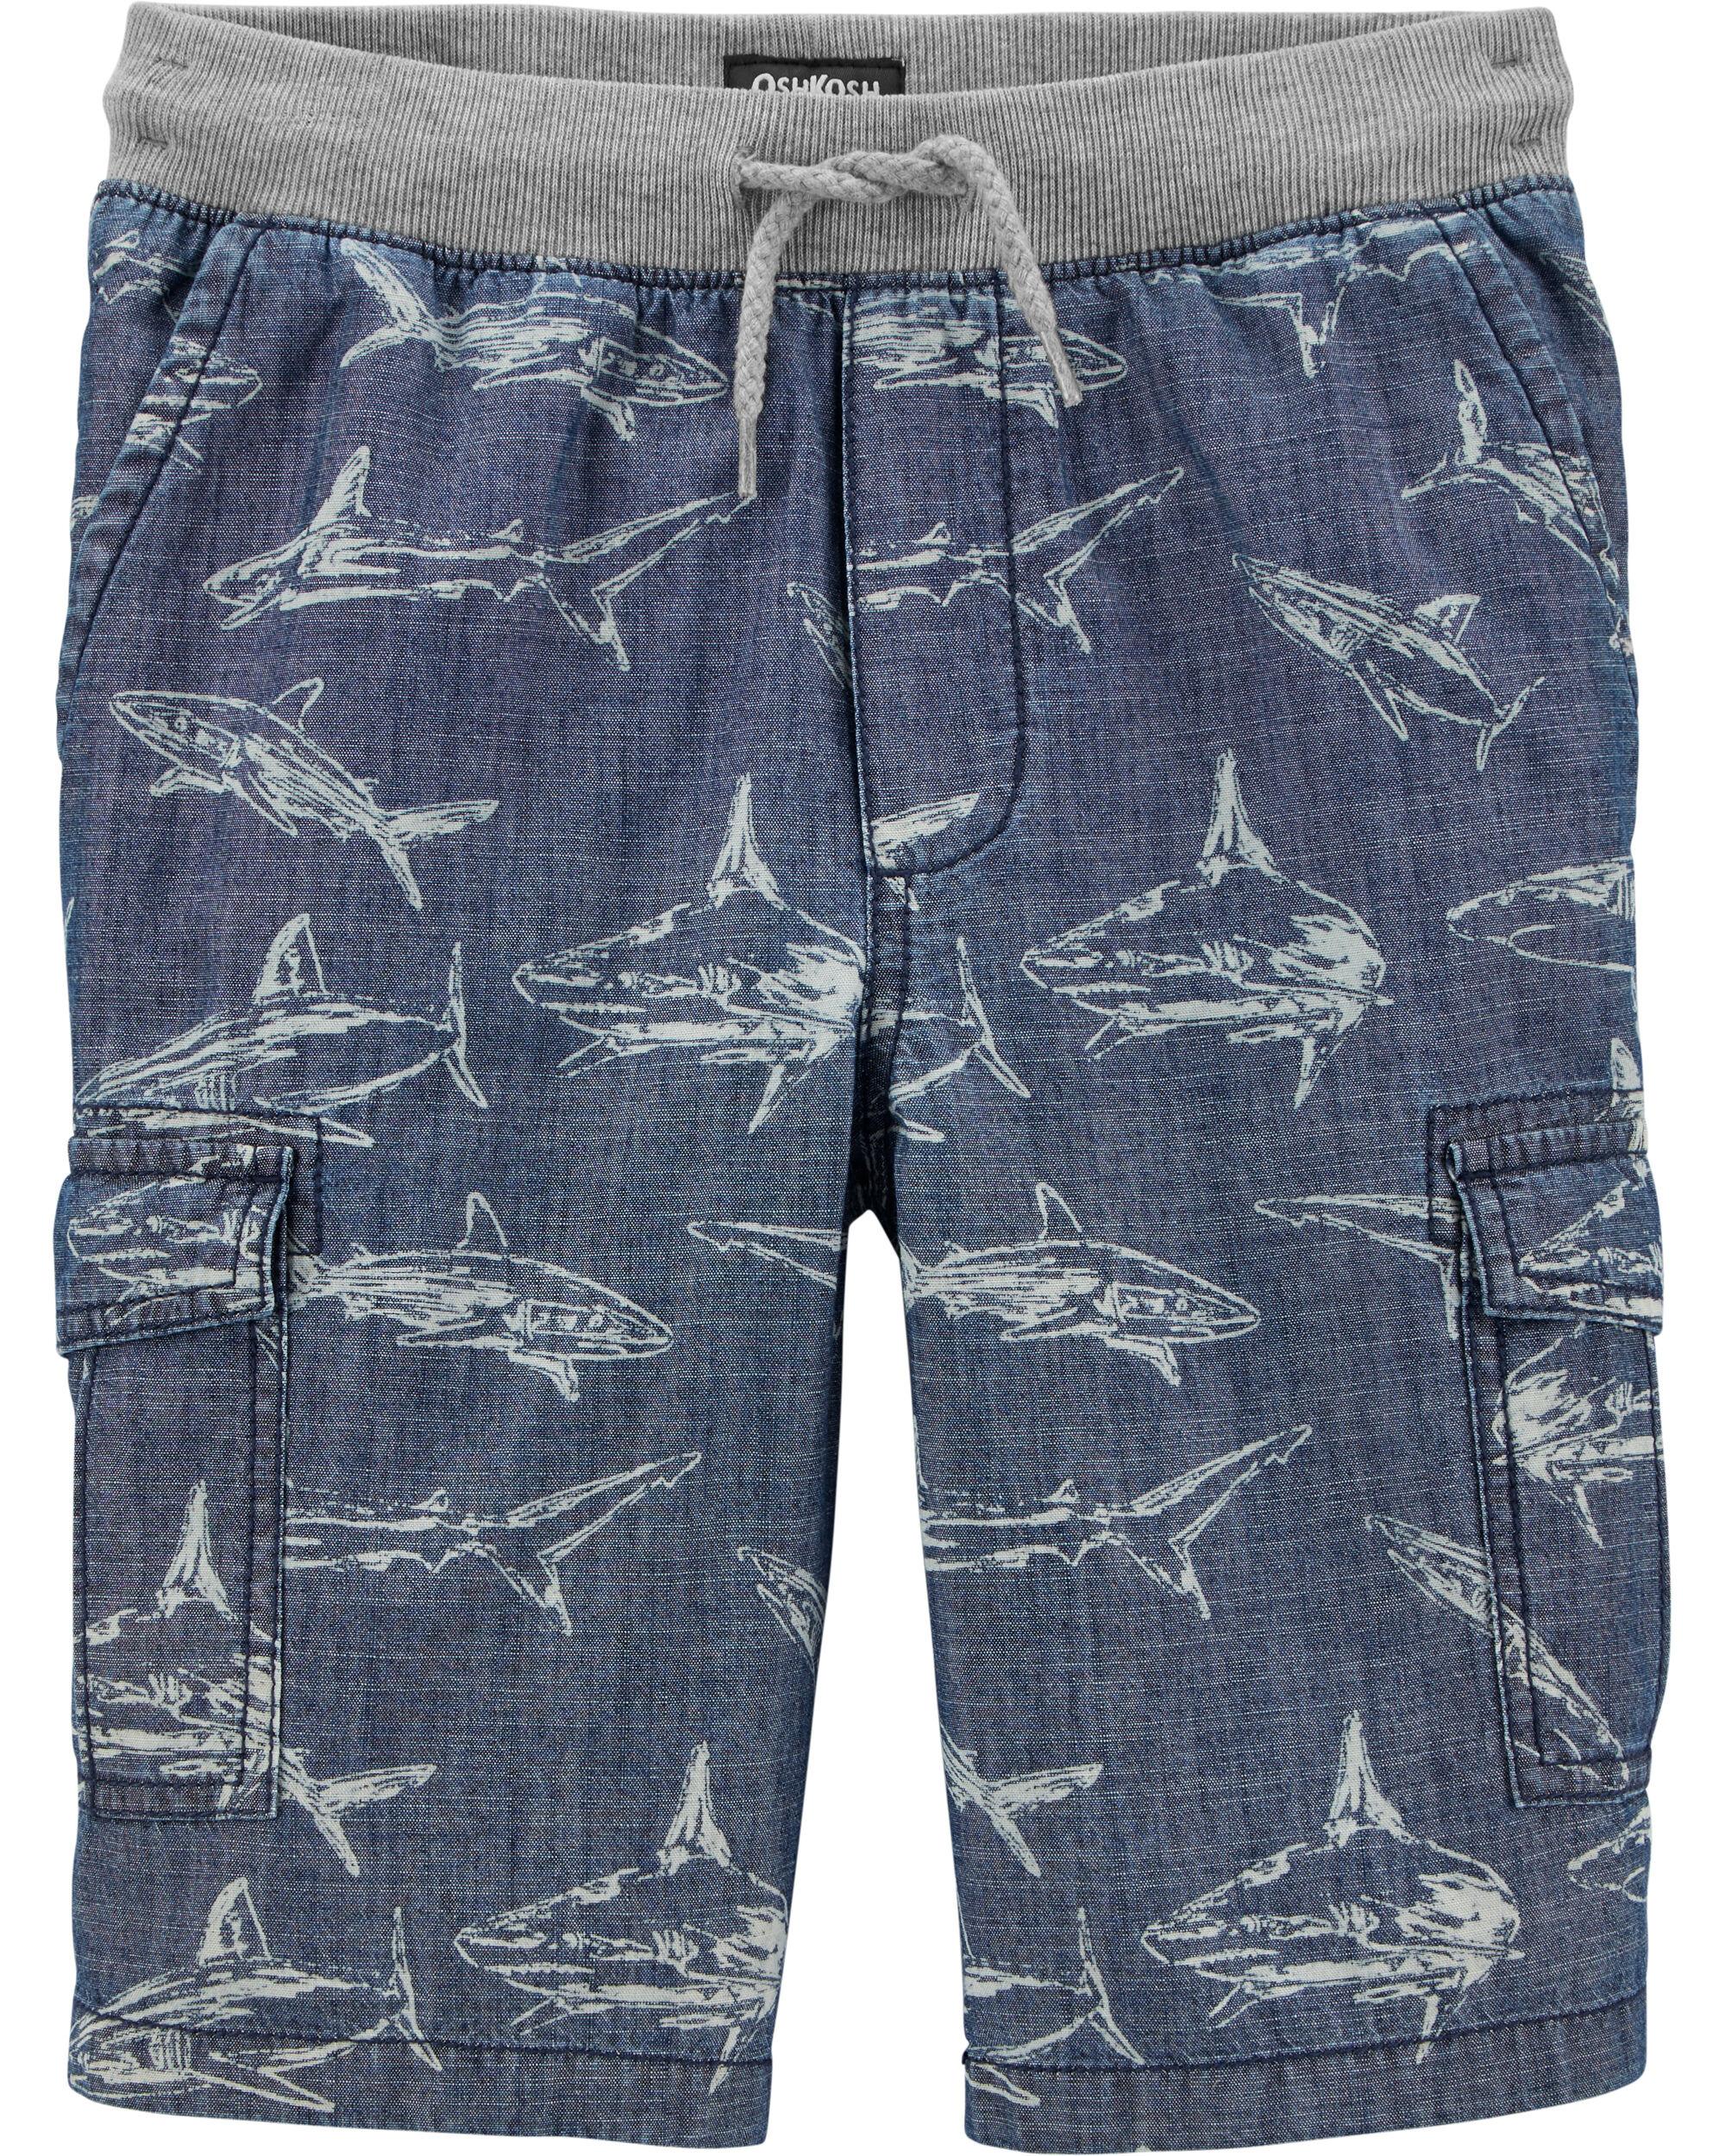 *DOORBUSTER*Pull-On Shark Cargo Shorts